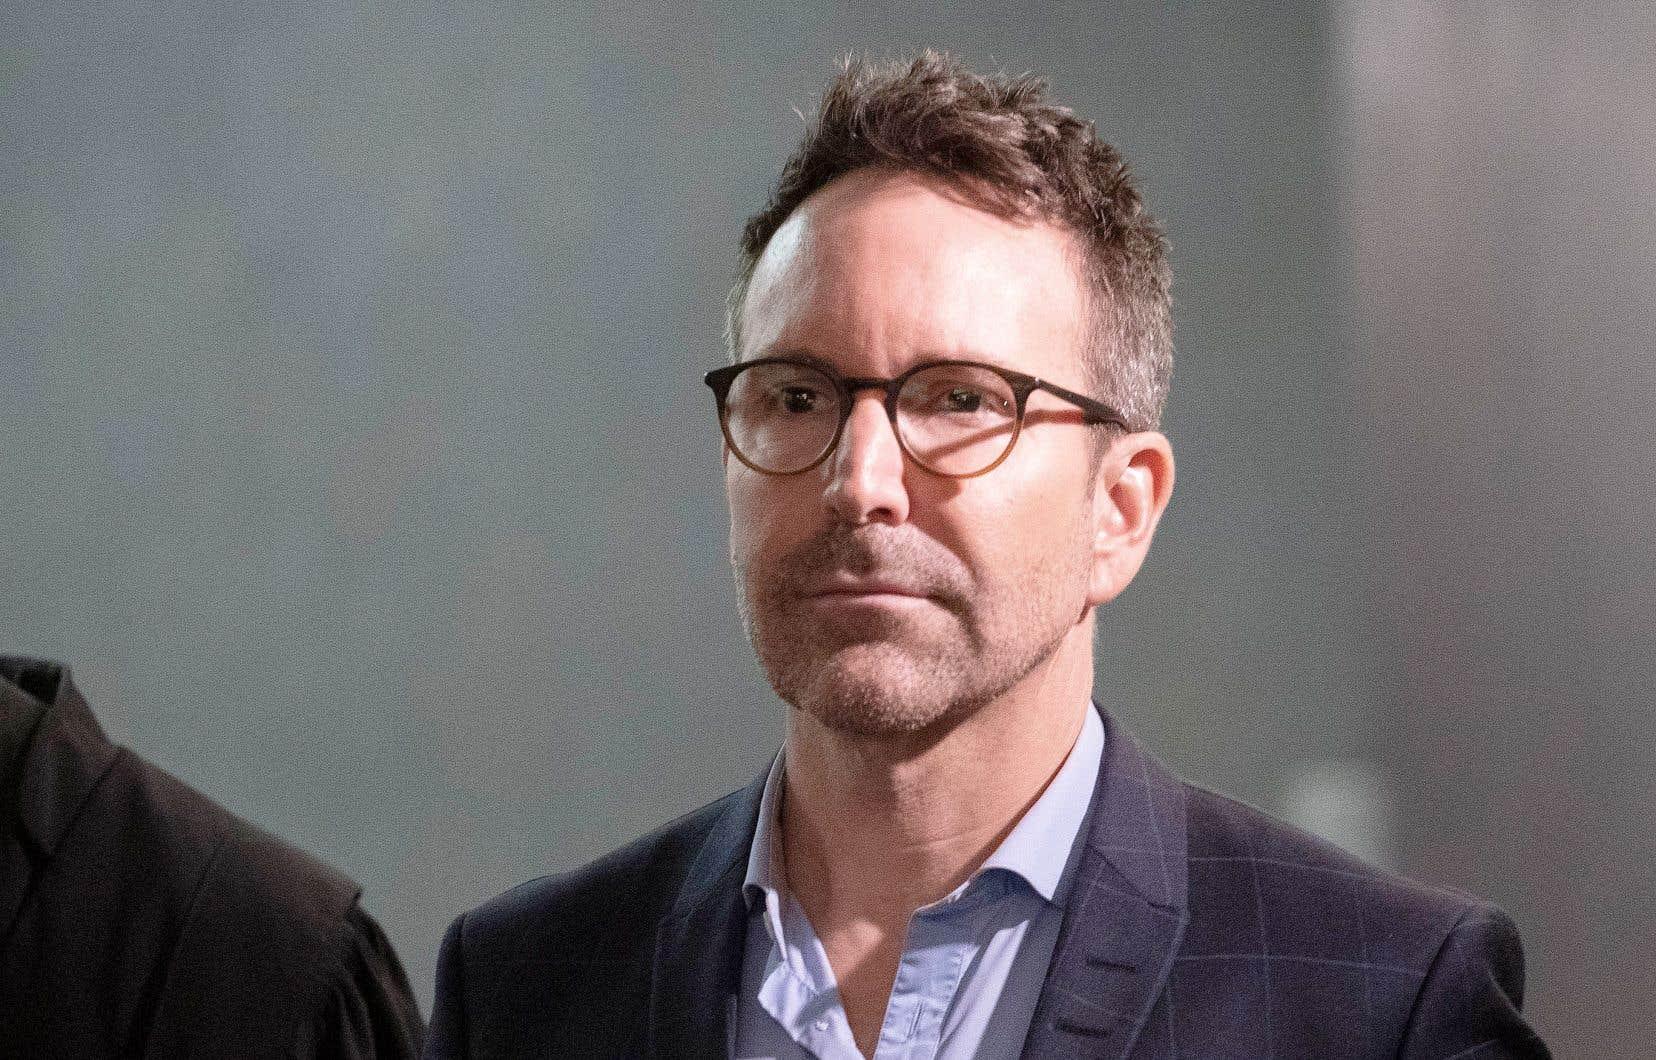 L'ex-animateur Éric Salvail fait face à des accusations de harcèlement, d'agression sexuelle et de séquestration pour des faits qui seraient survenus en 1993.